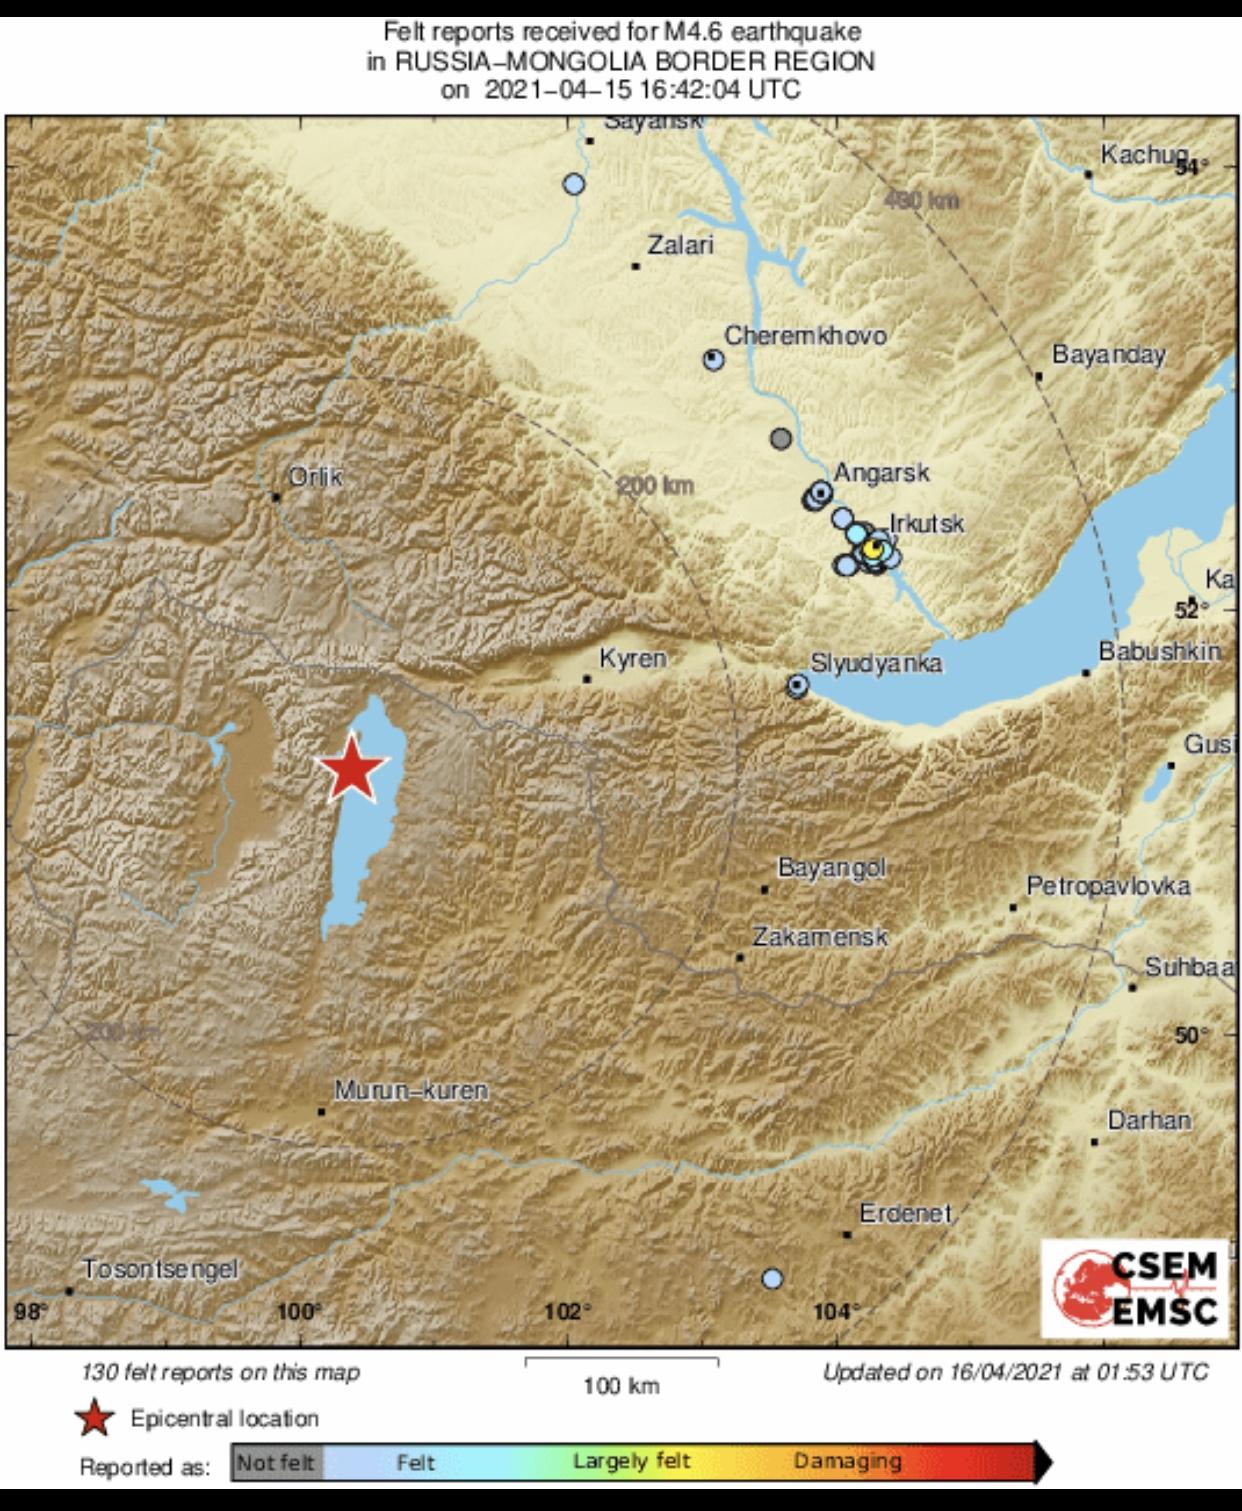 俄罗斯和蒙古国边境地区发生4.6级地震